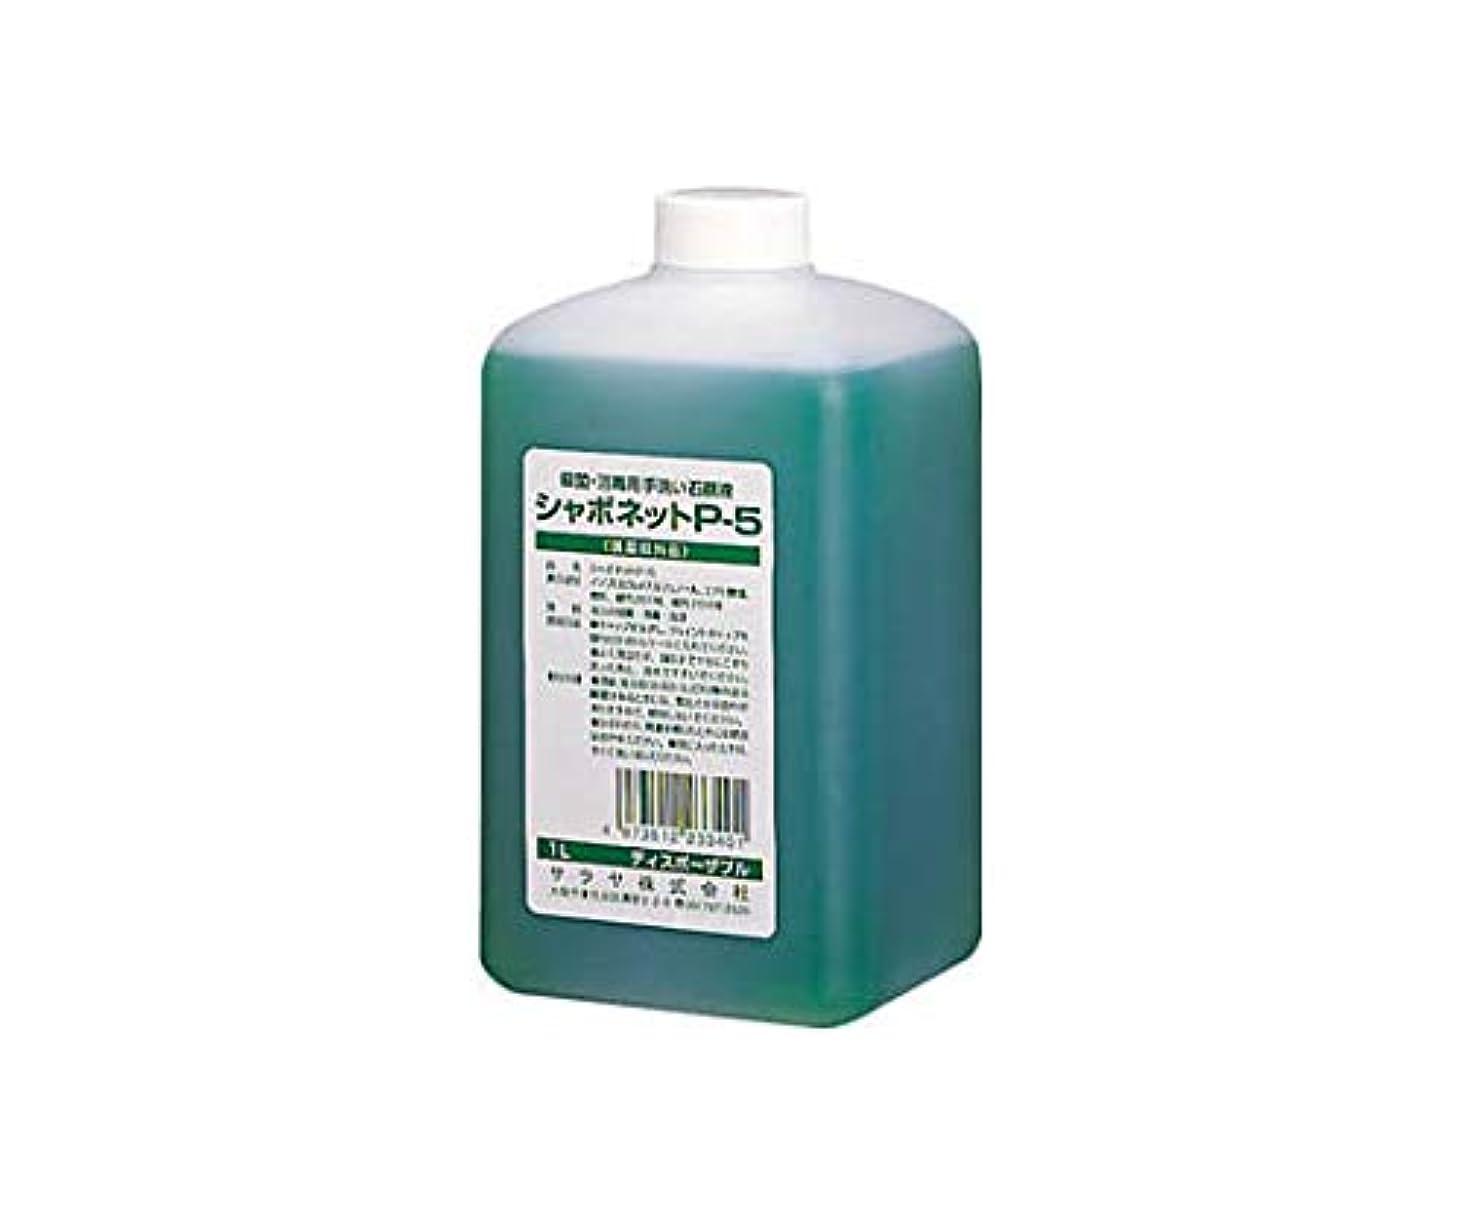 構造的より多い枯渇するサラヤ 手洗い用石けん液 P-5 1L機器用